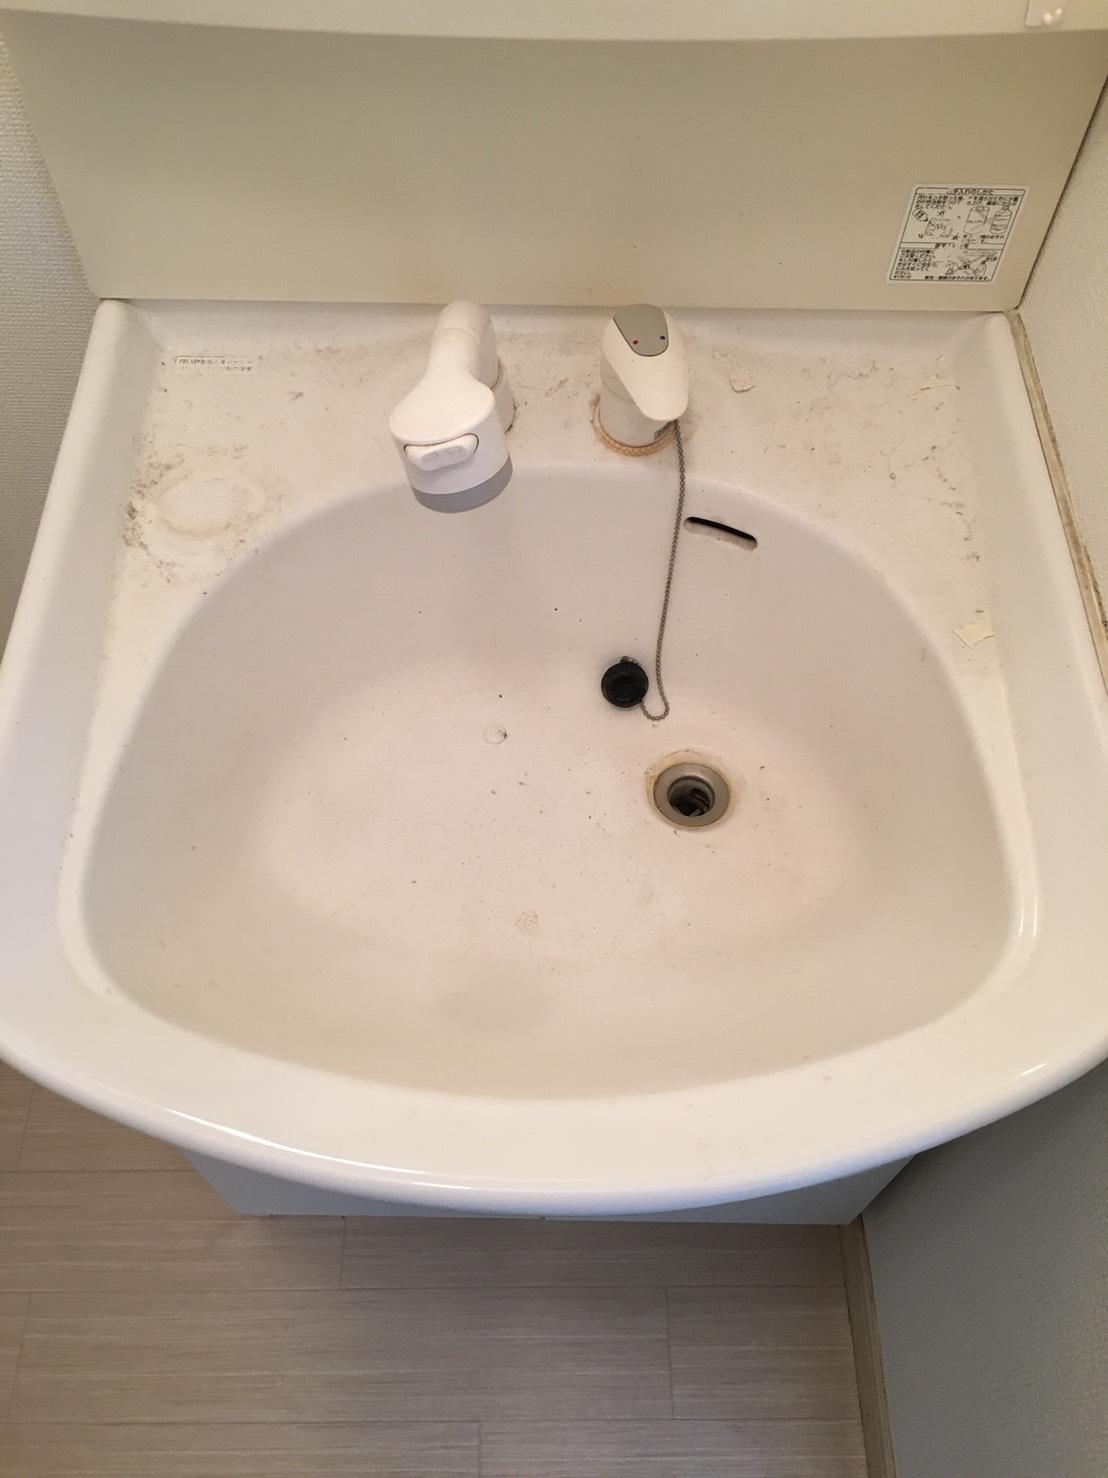 ガンコな汚れも残さず洗浄! 定期的清掃~洗面・化粧台クリーニング♪ハウスクリーニングはおそうじプラスまで!家族が毎日使う洗面所